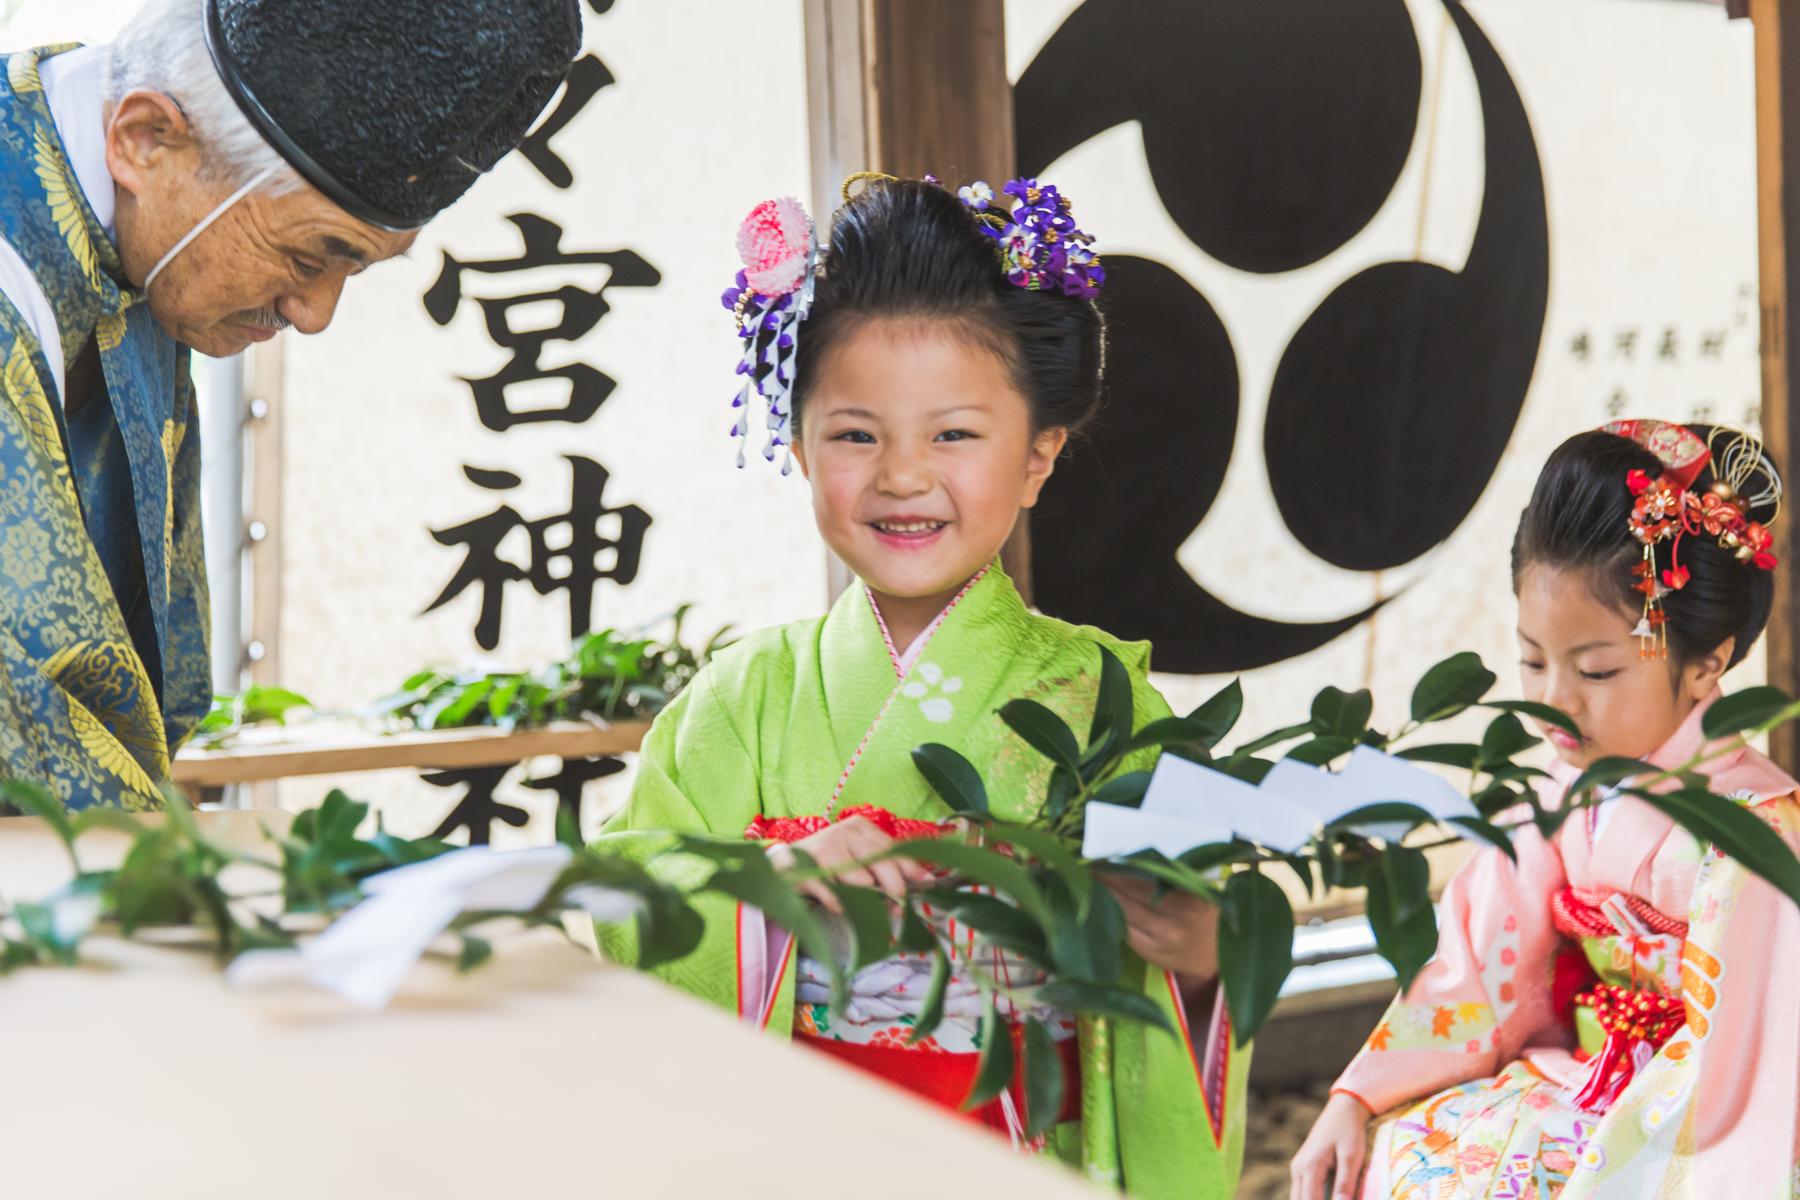 滋賀県東近江市の野々宮神社で七五三出張撮影